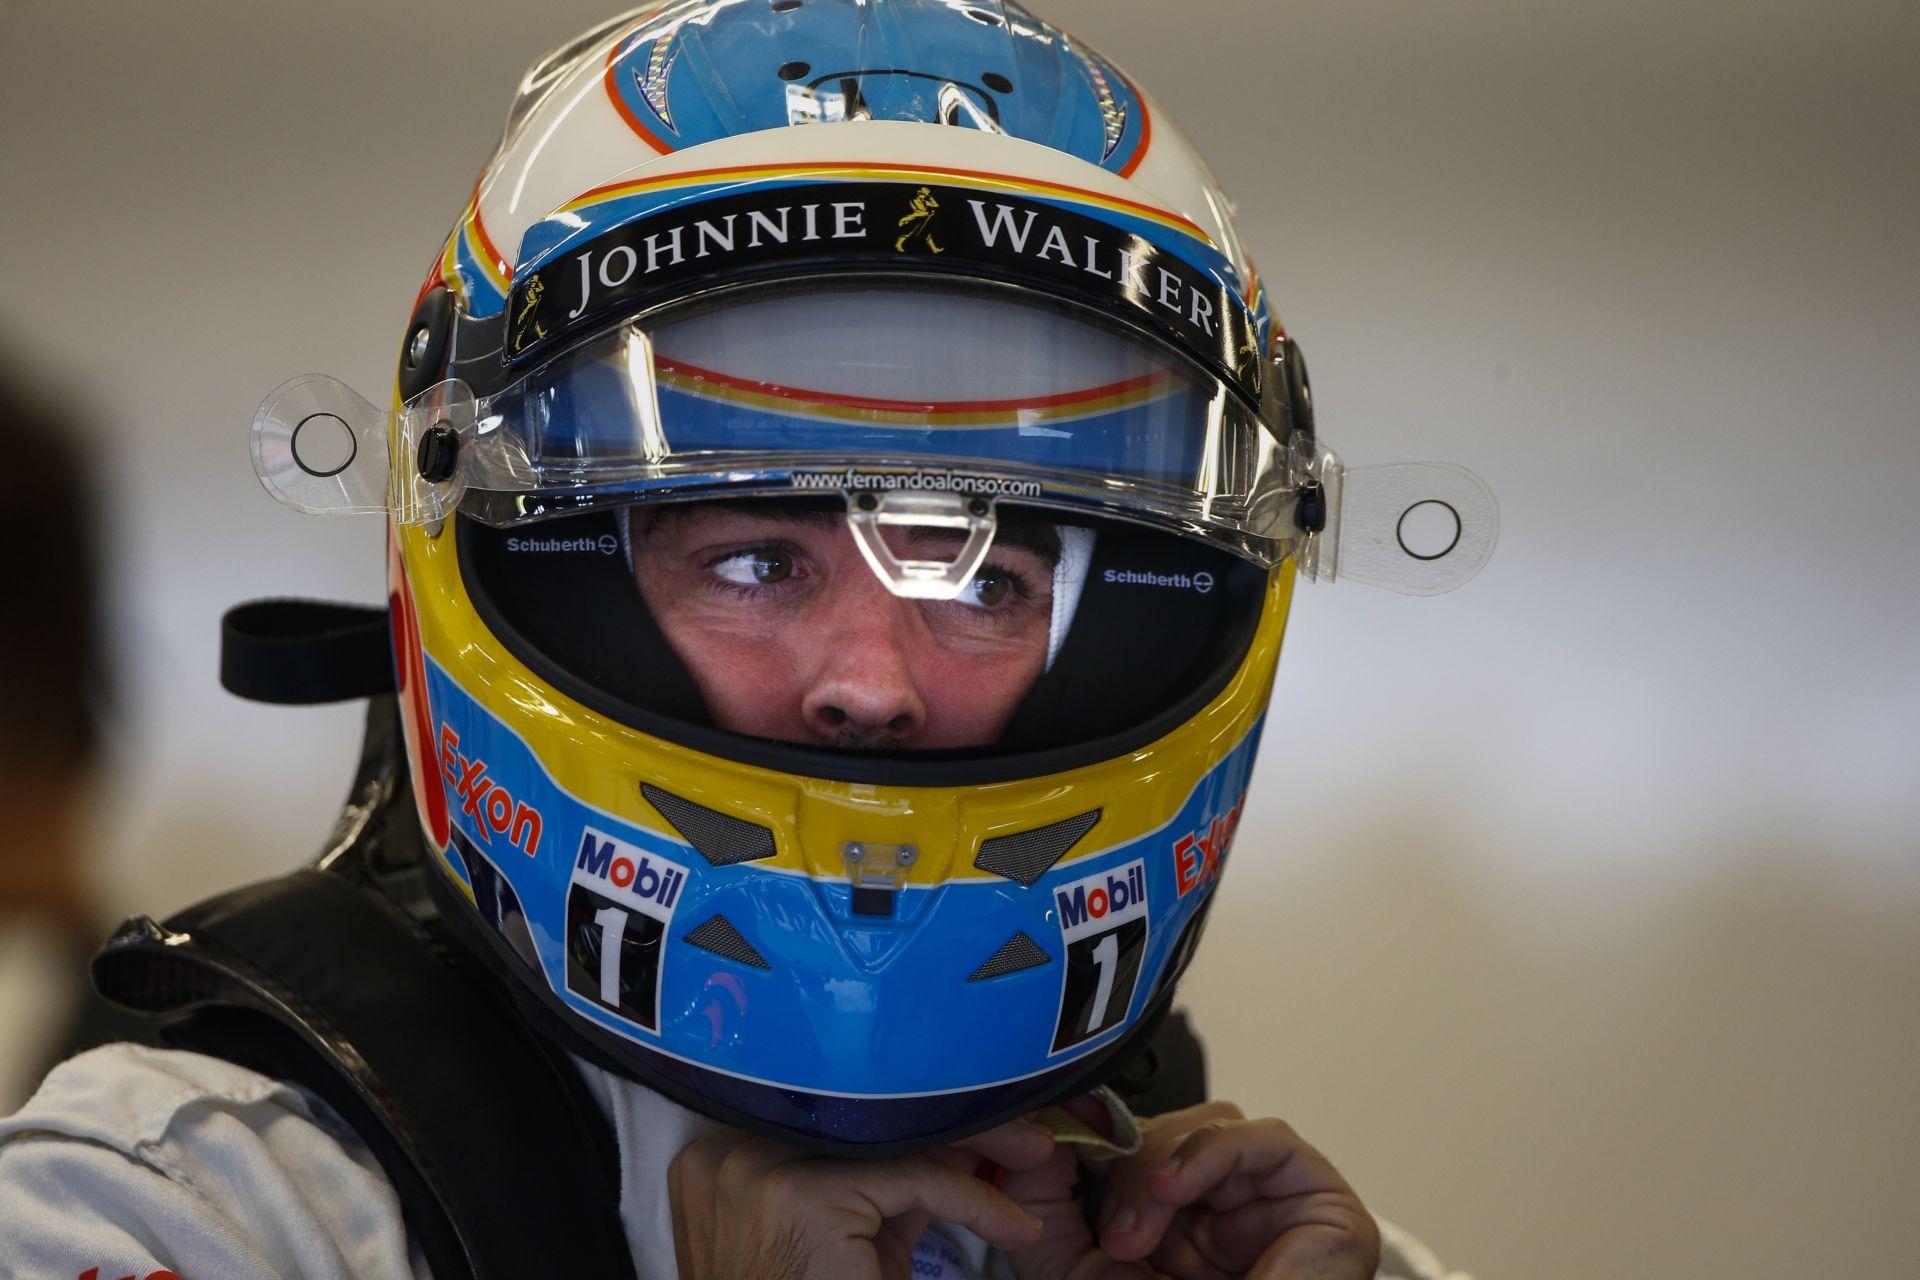 Így mutatna Alonso a Sauber színeiben: inkább ne!